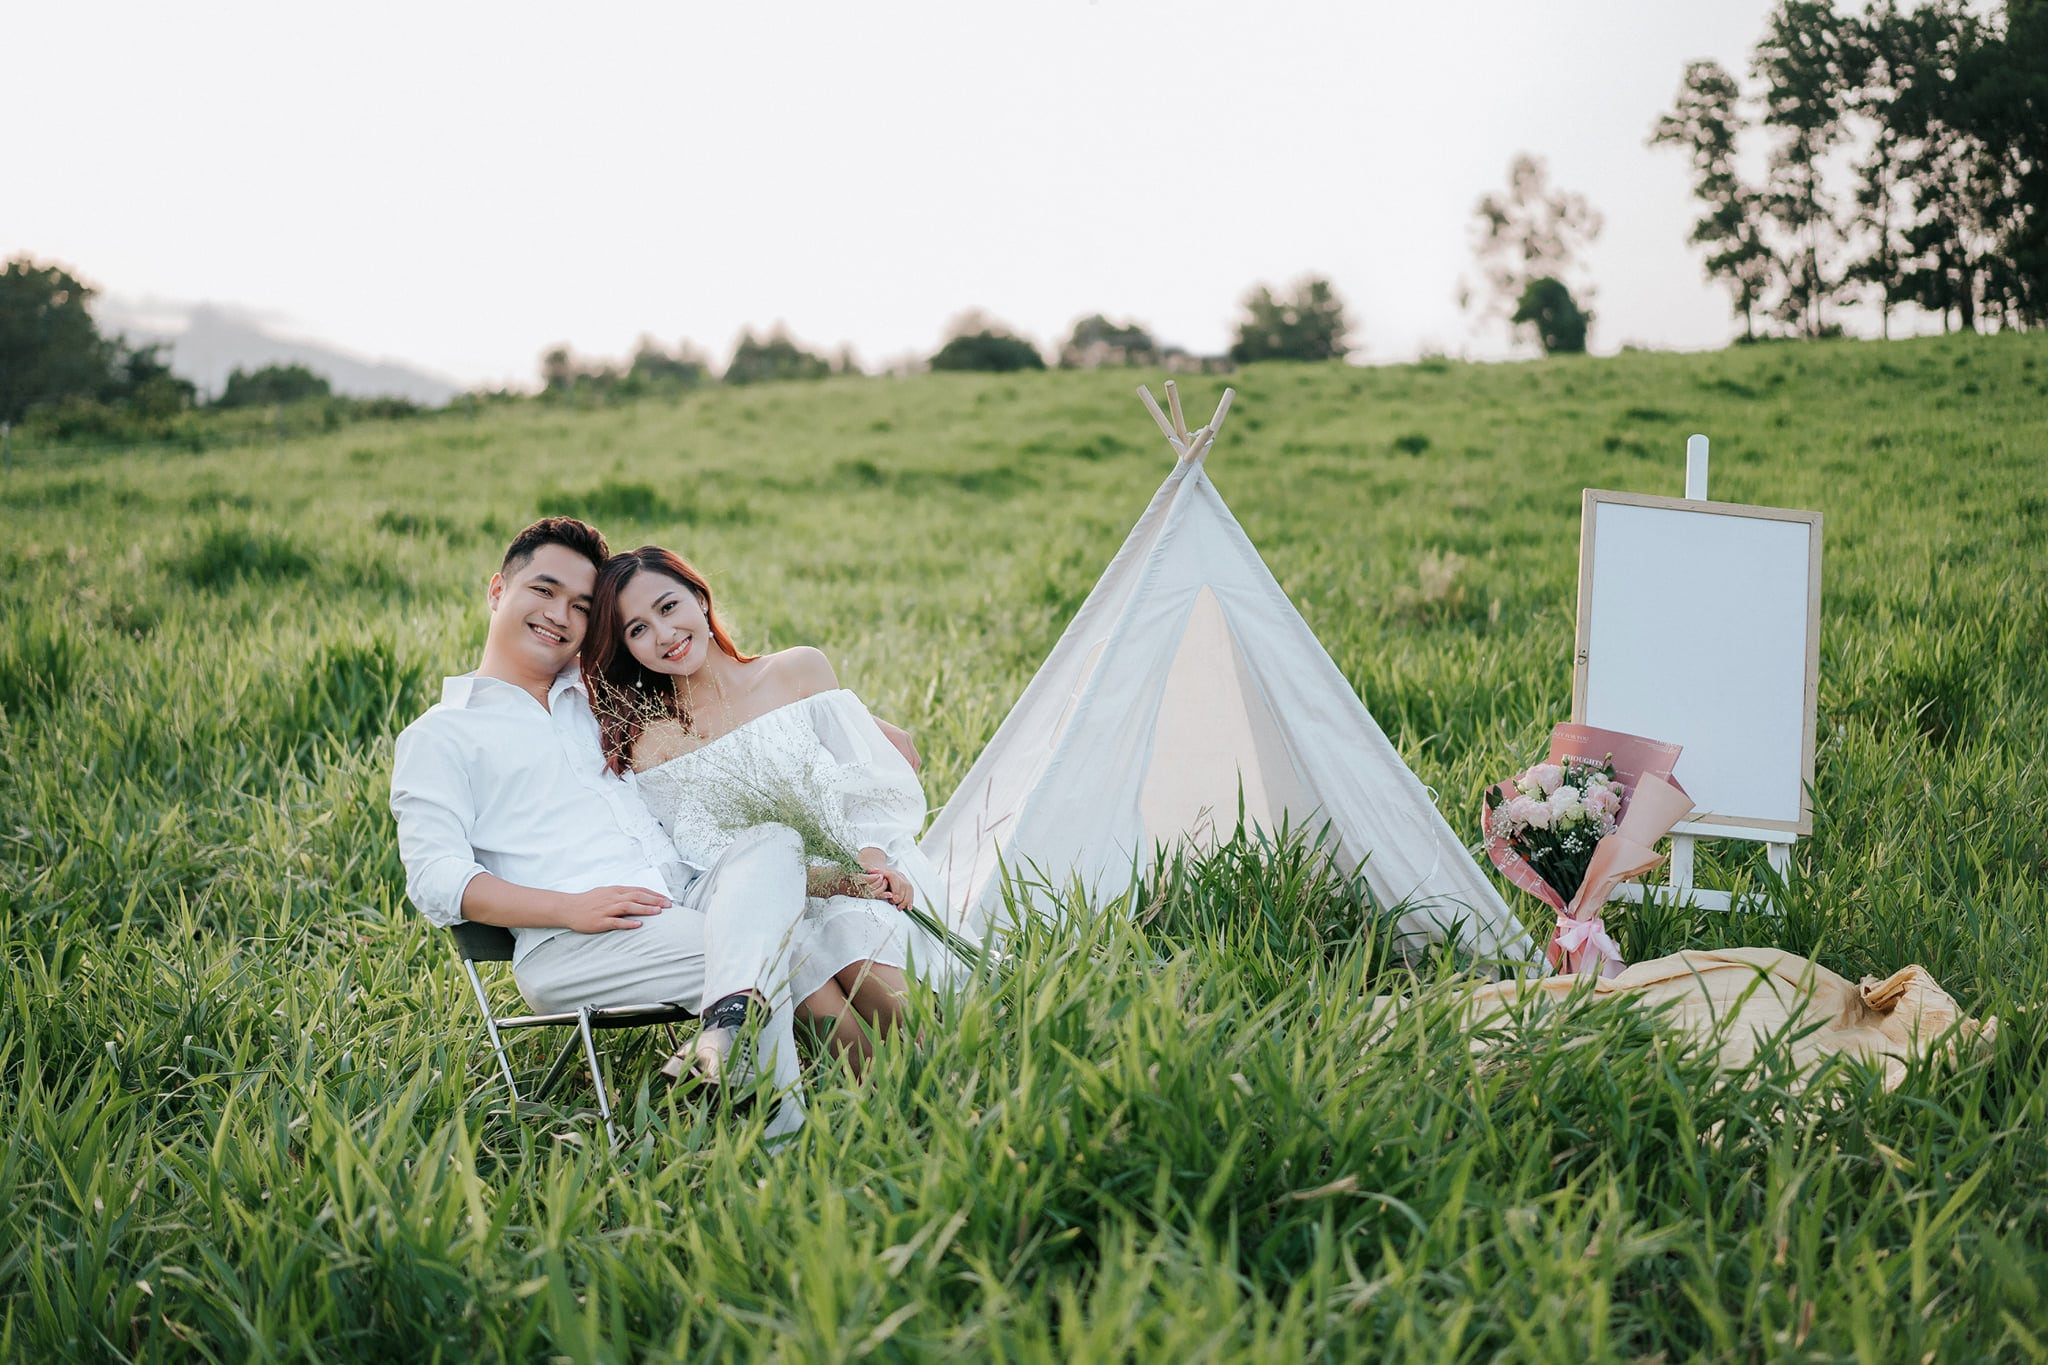 chụp ảnh gia đình kỉ niệm ngày cưới